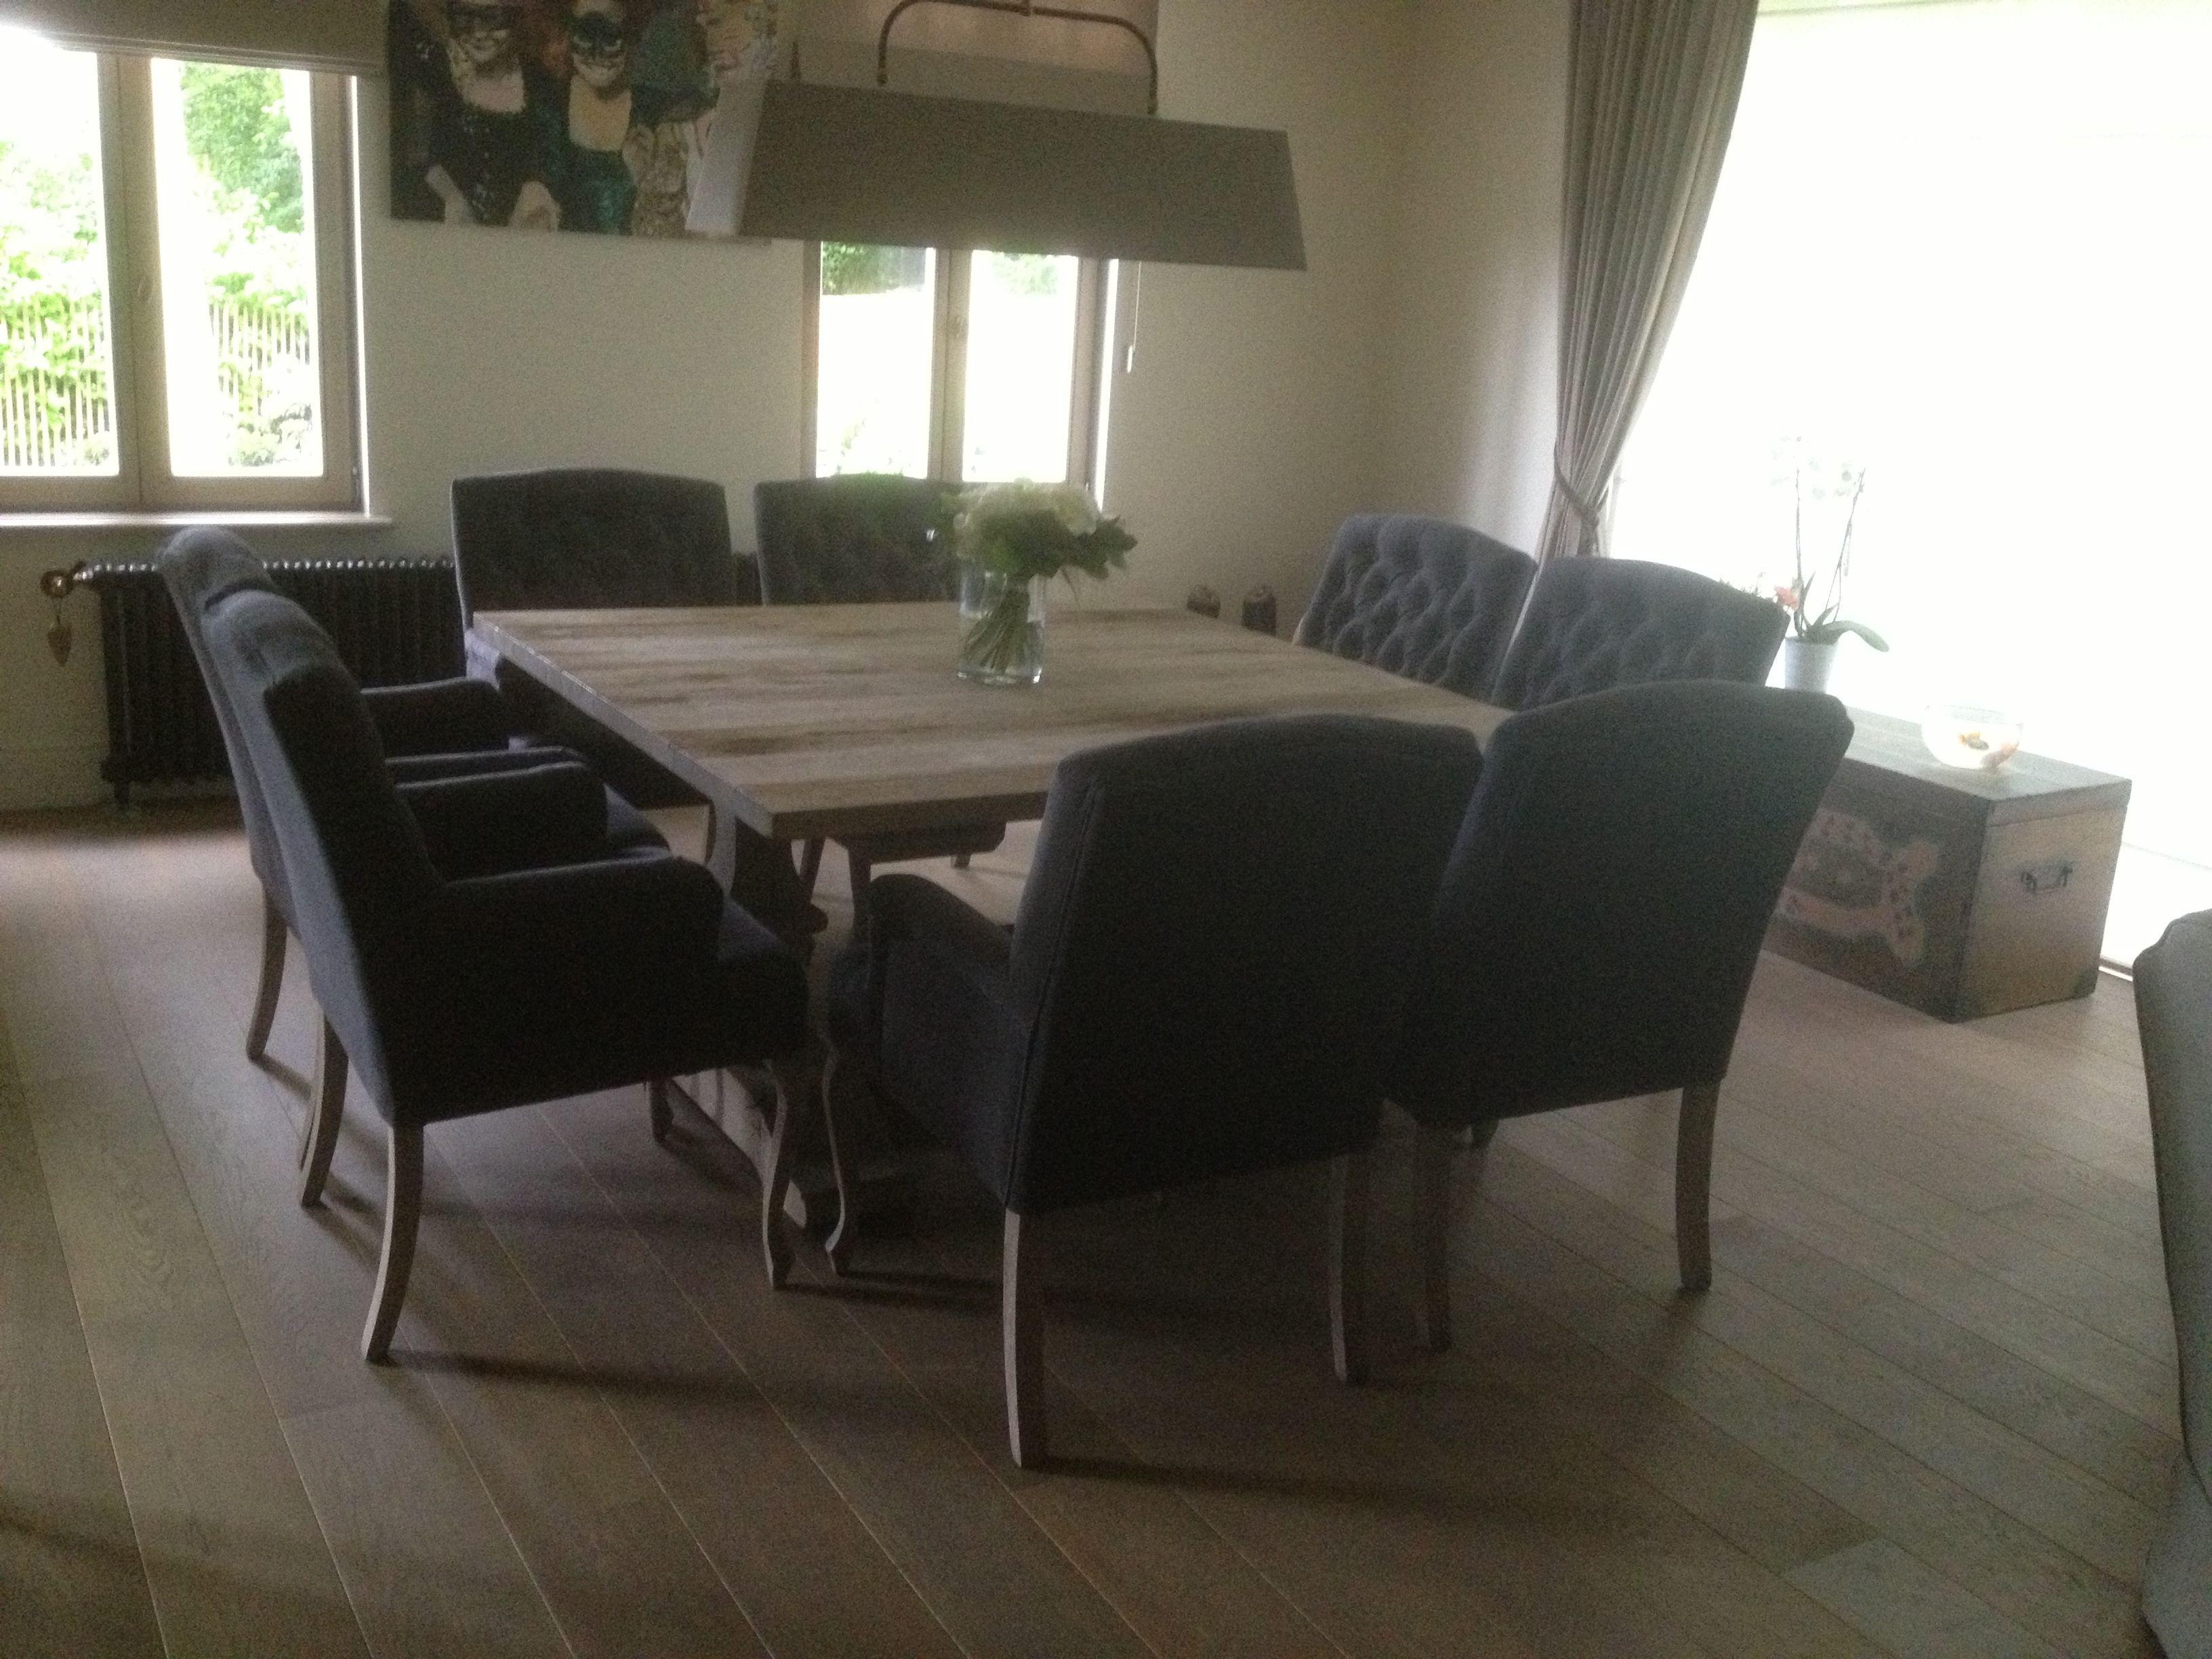 Robuuste Vierkante Eettafel.Op Maat Gemaakte Vierkante Eikenhouten Tafel Met 6 Gecapi